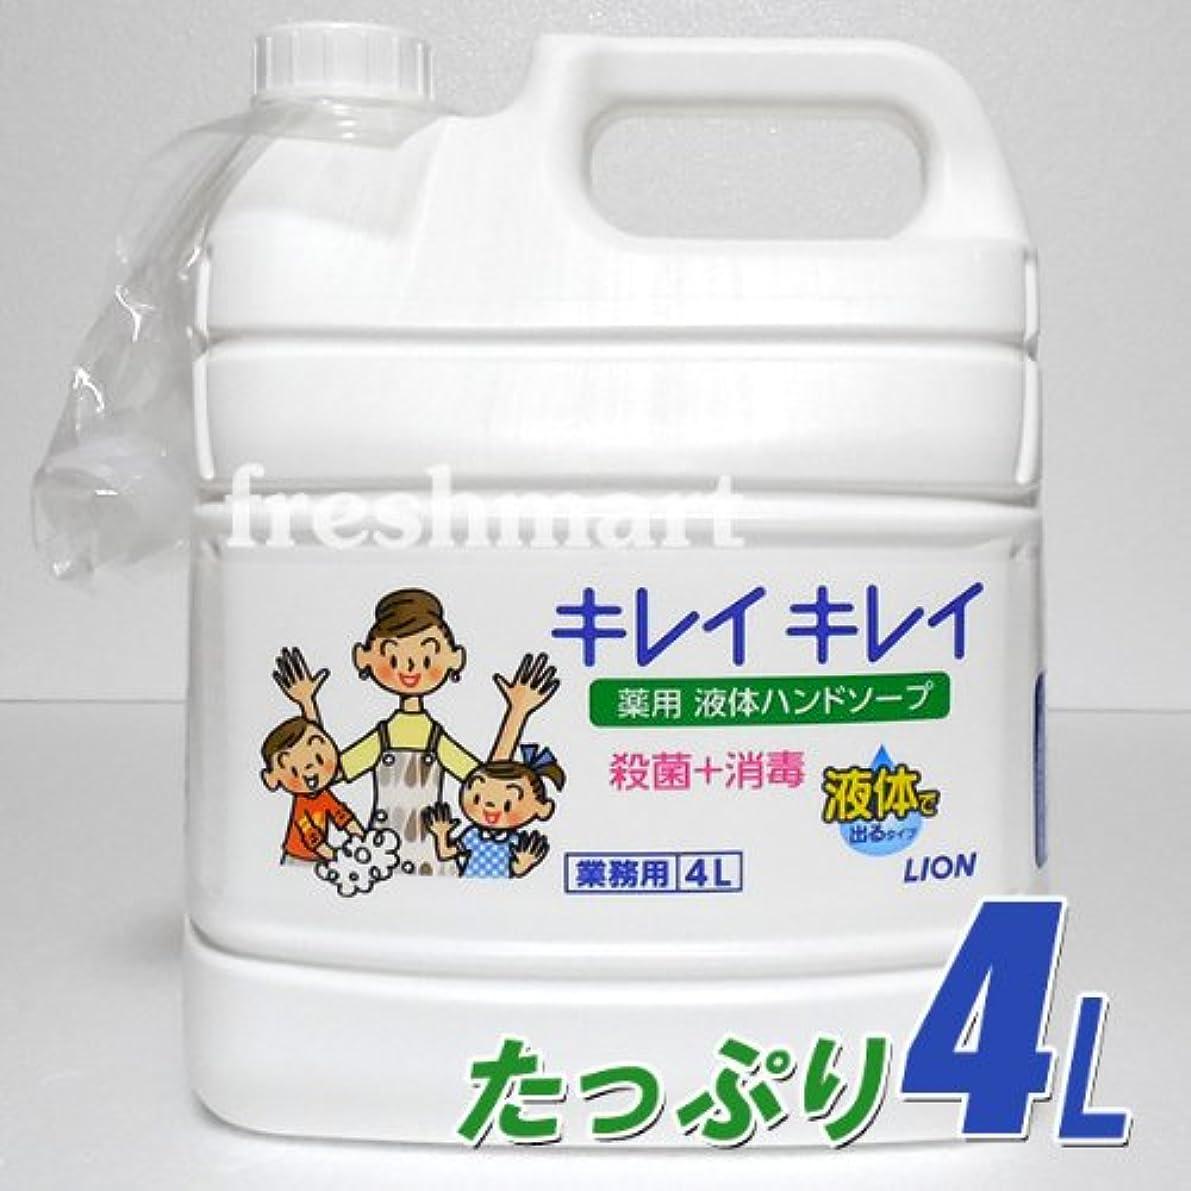 骨髄コレクショントロリー☆100%植物性洗浄成分使用☆ ライオン キレイキレイ 薬用液体ハンドソープ つめかえ用4L 業務用 大容量 ボトル